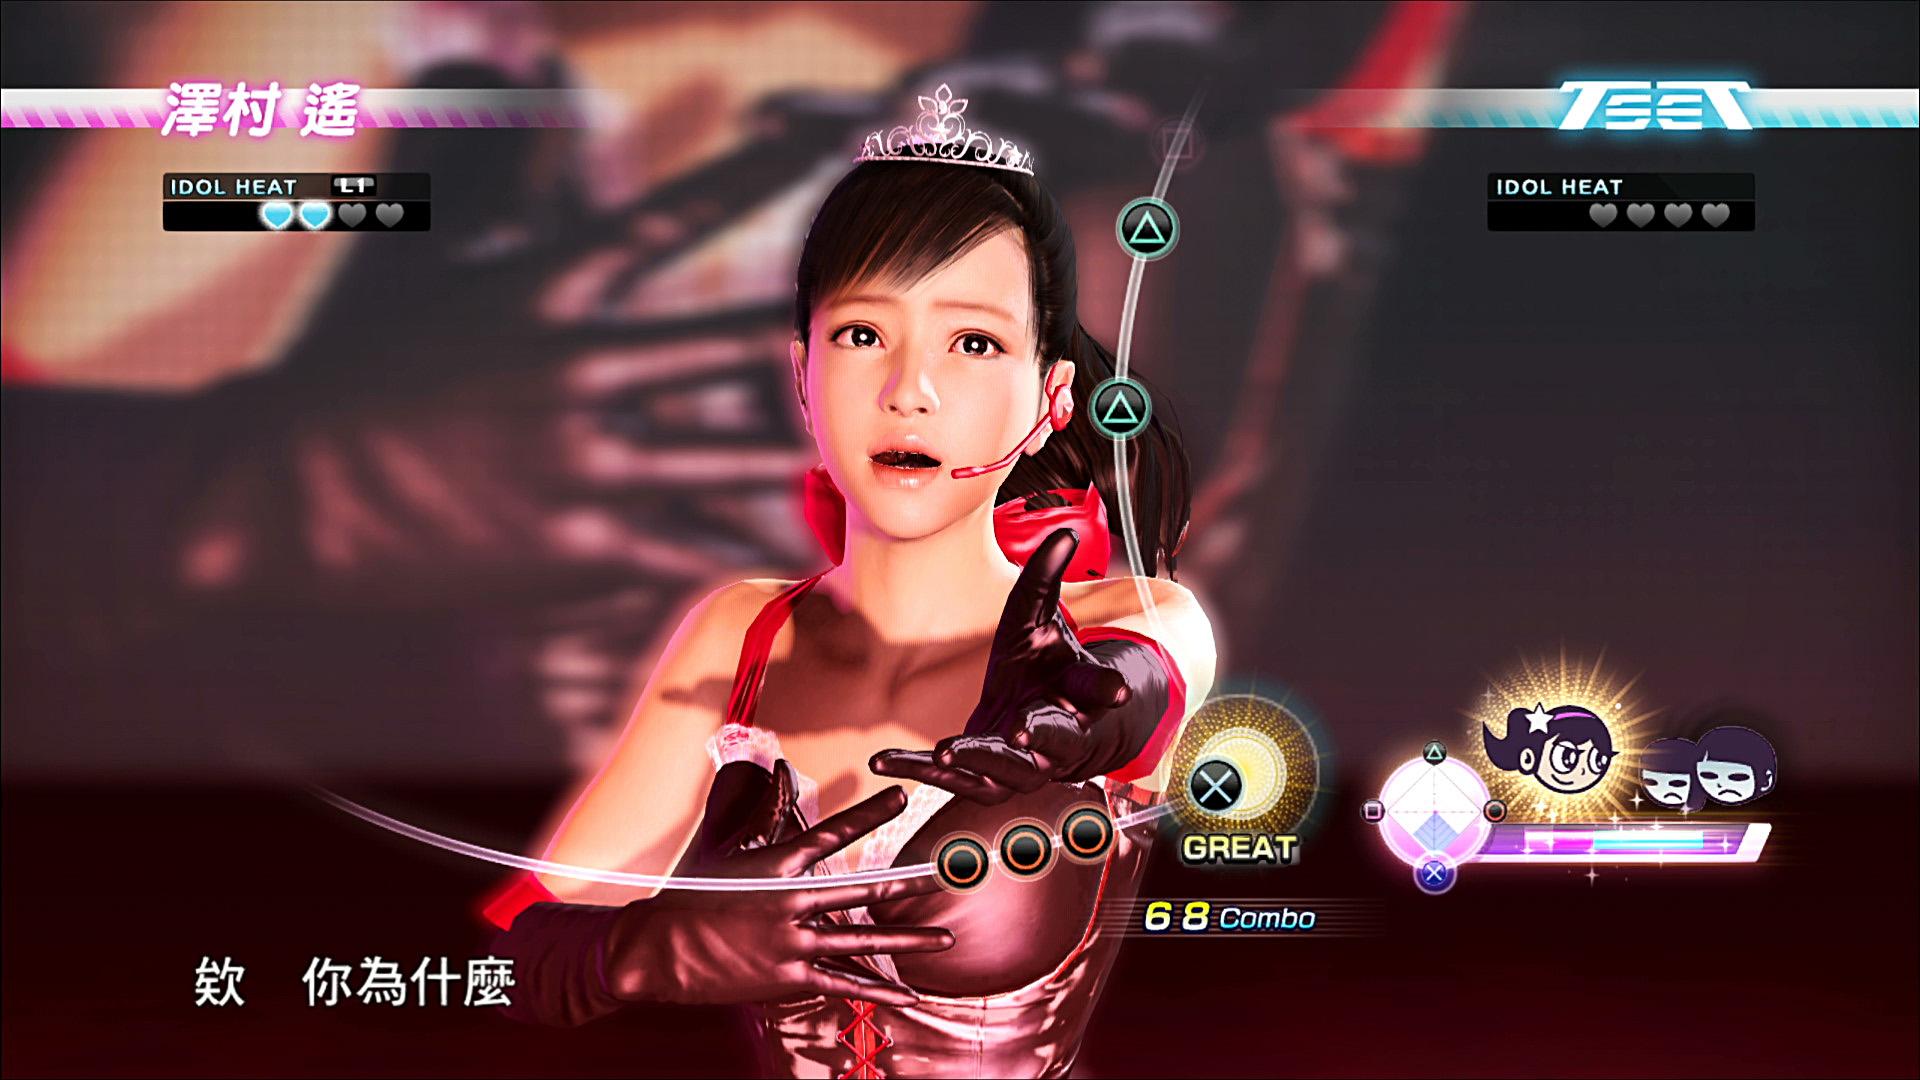 『人中之龍5 實現夢想者』注目的新要素 透過劇情和小遊戲描寫主角們生活的「額外篇章」 11_zh10